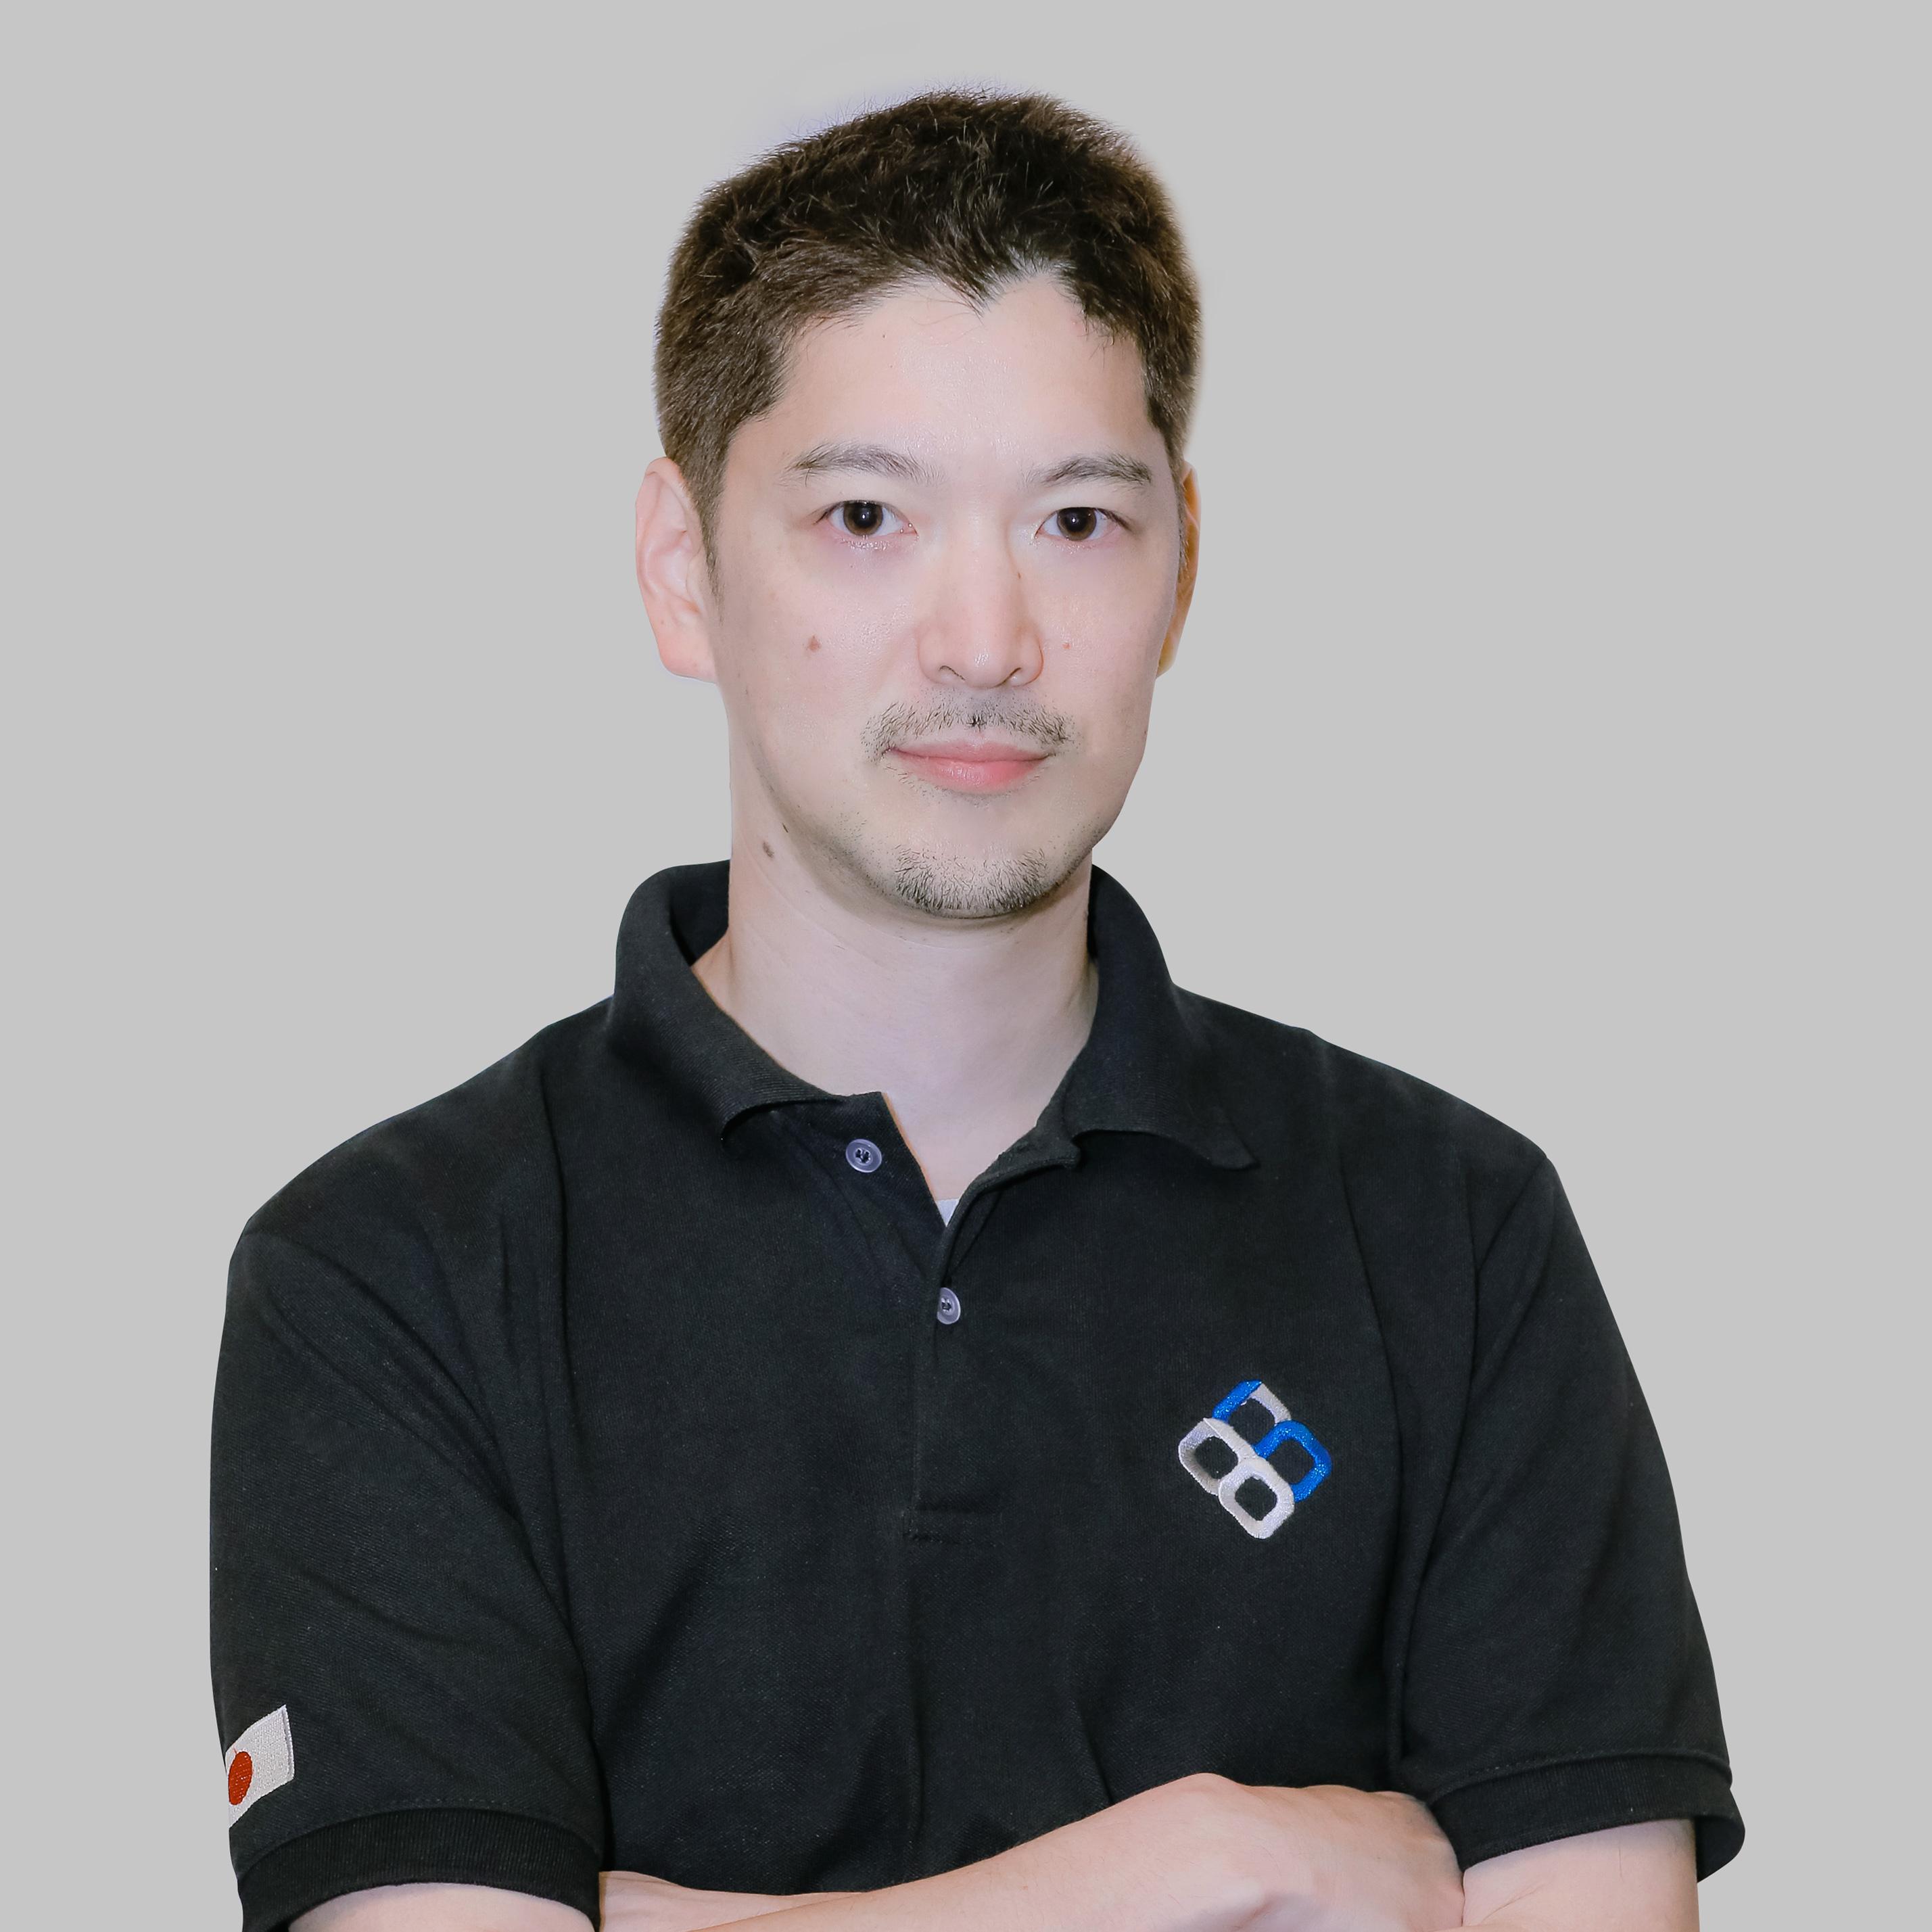 Jun Uematsu